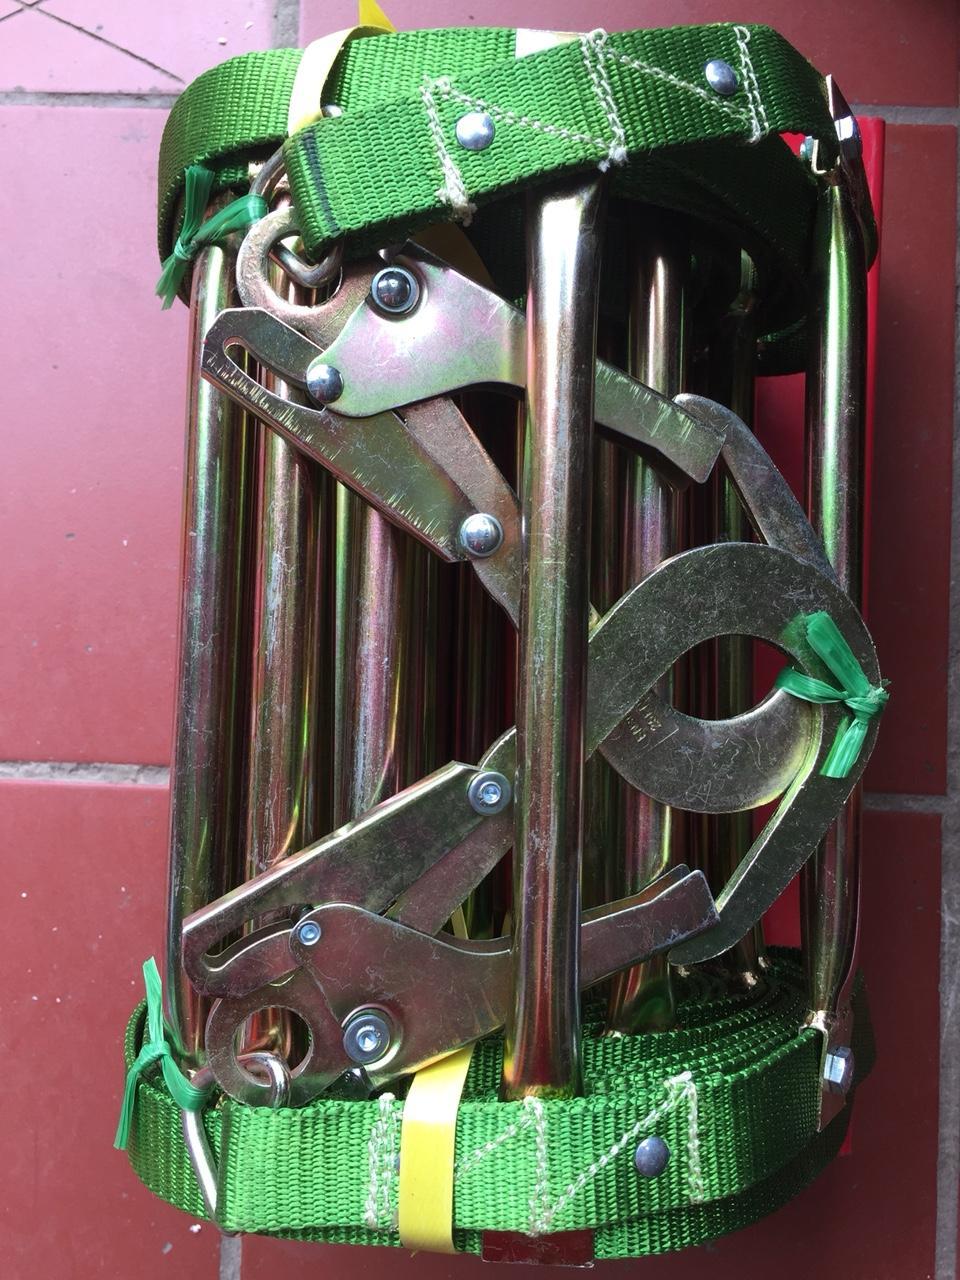 Thang dây 15m, thang dây thoát hiểm, thang dây thả chậm